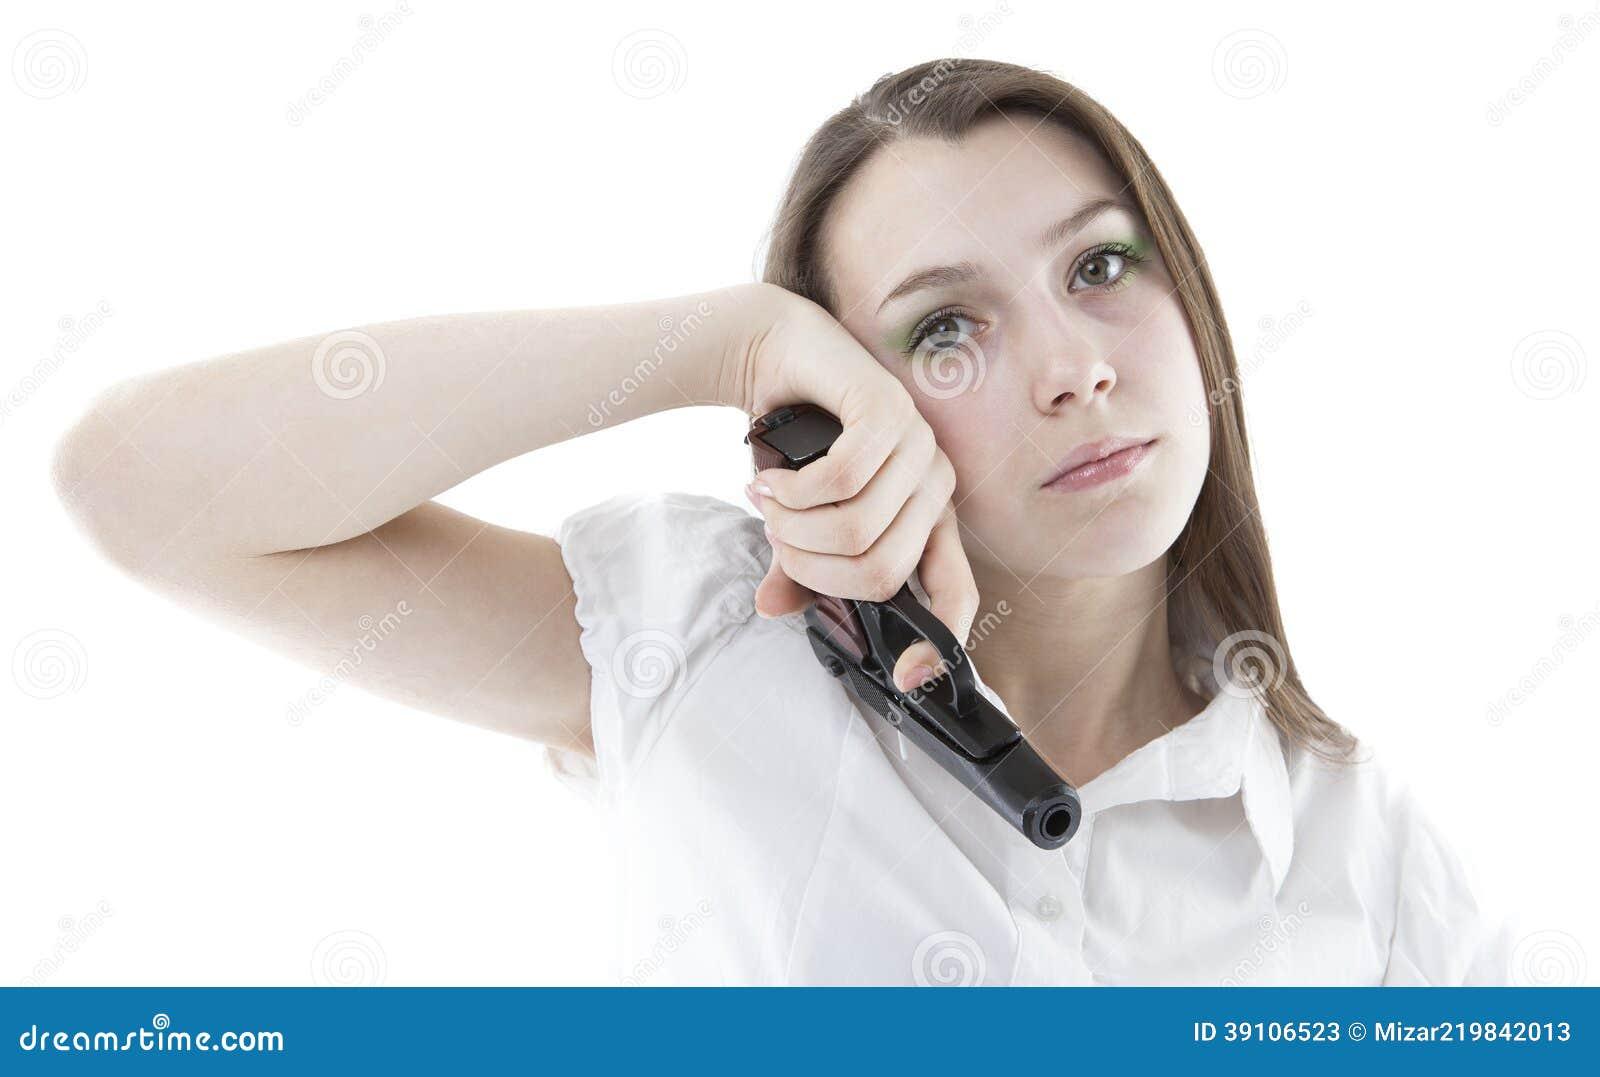 Portret van een meisje met pistool